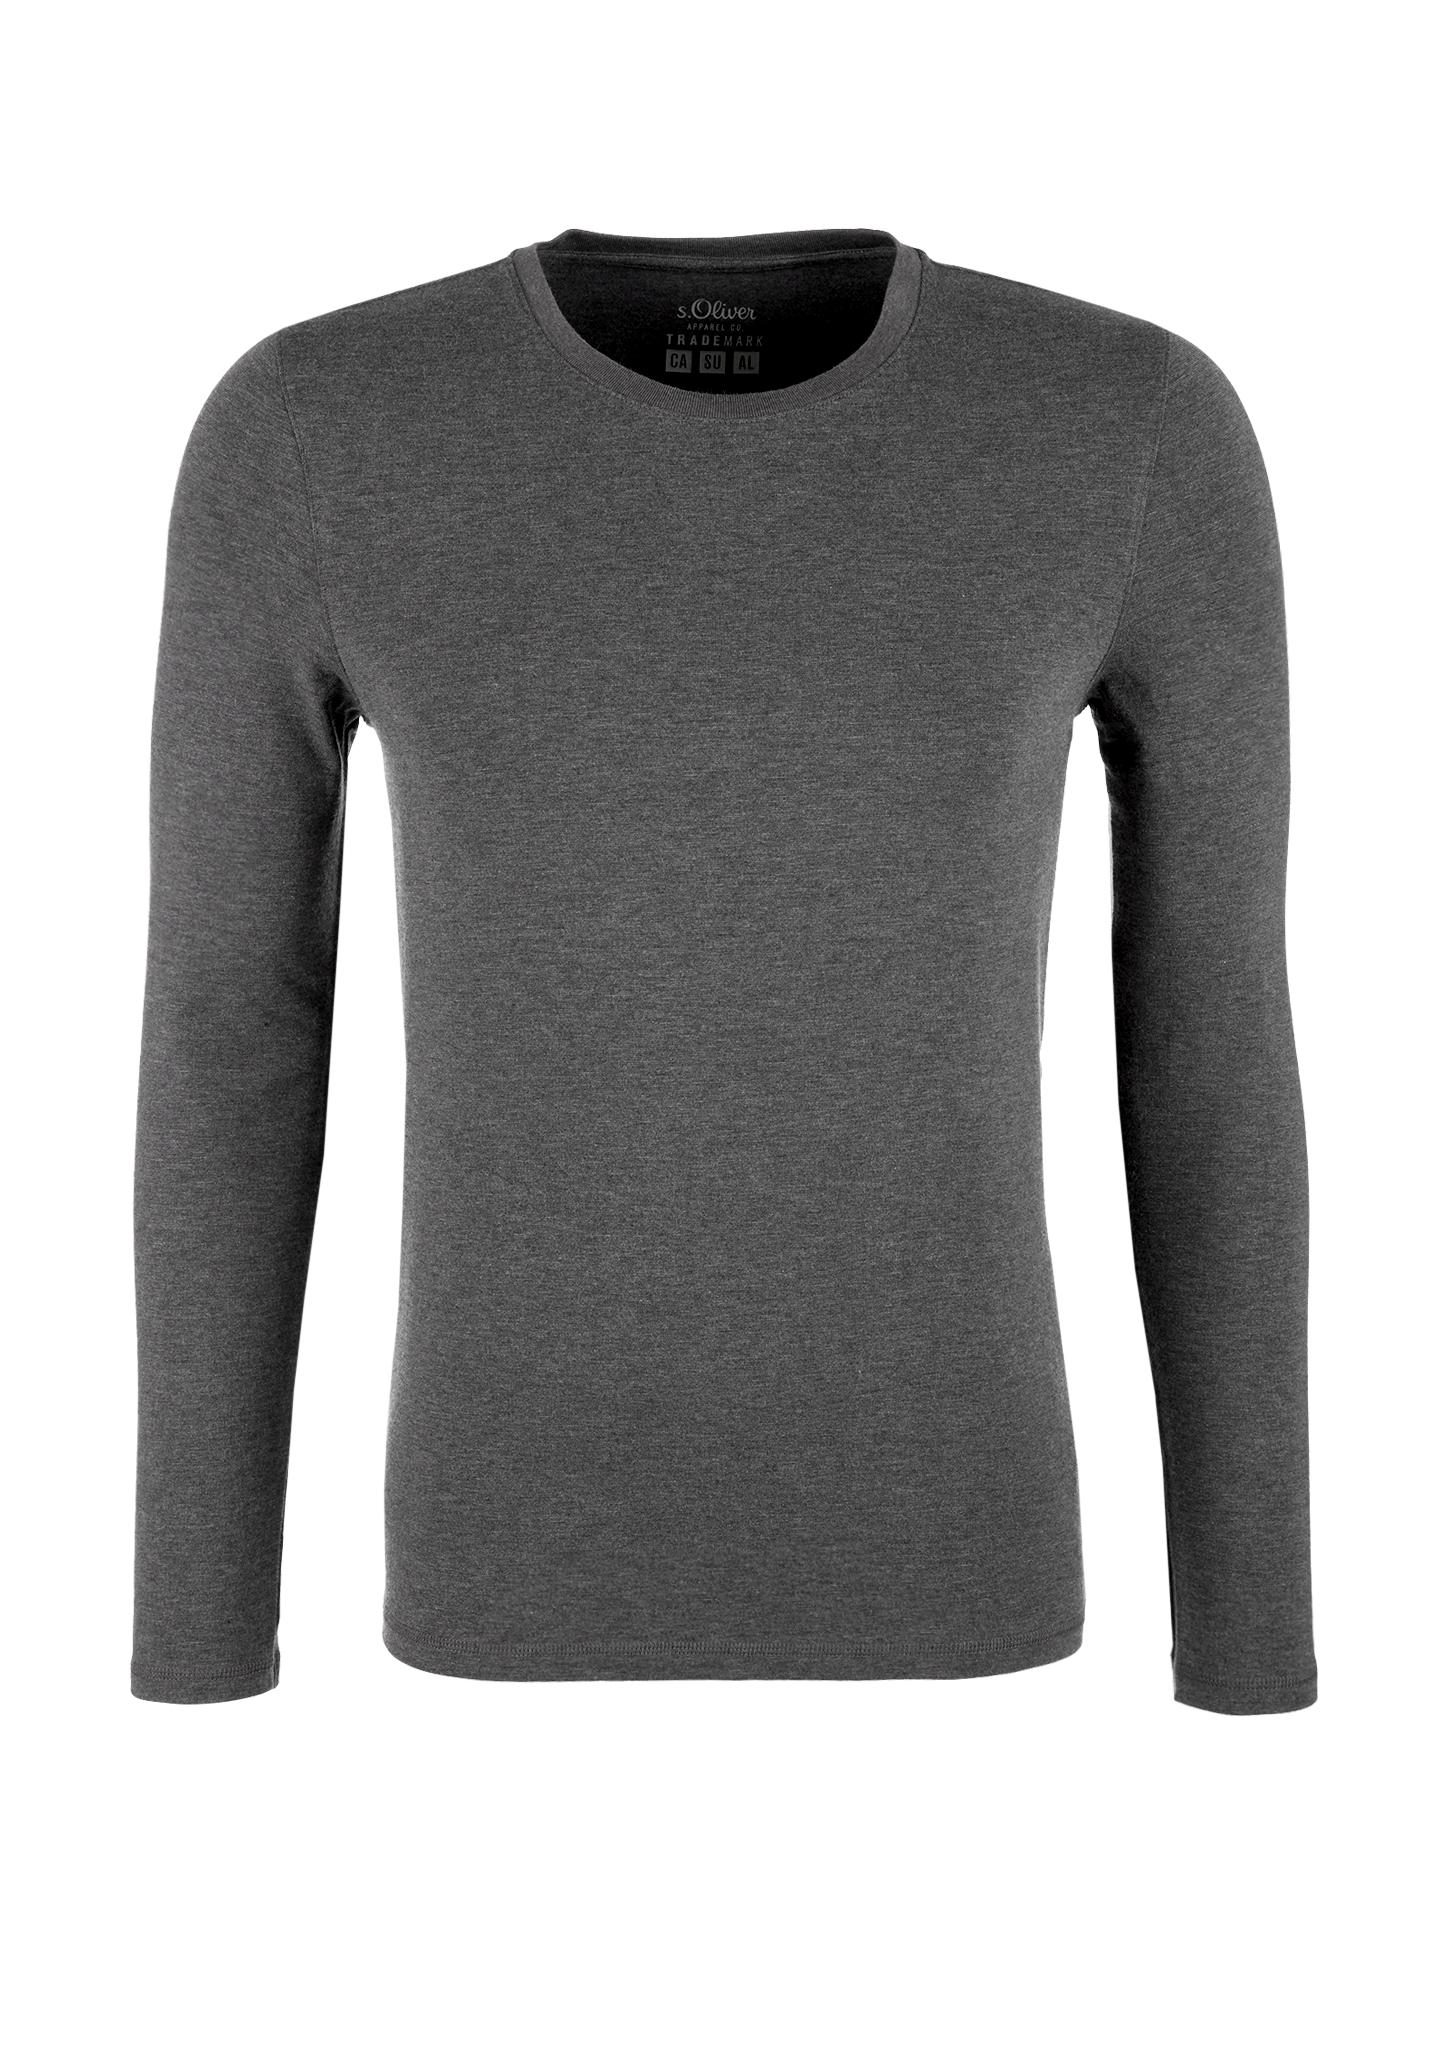 Warmtech-Langarmshirt | Bekleidung > Shirts > Langarm Shirts | Grau | 43% polyacryl -  33% baumwolle -  19% viskose -  5% polyurethan | s.Oliver